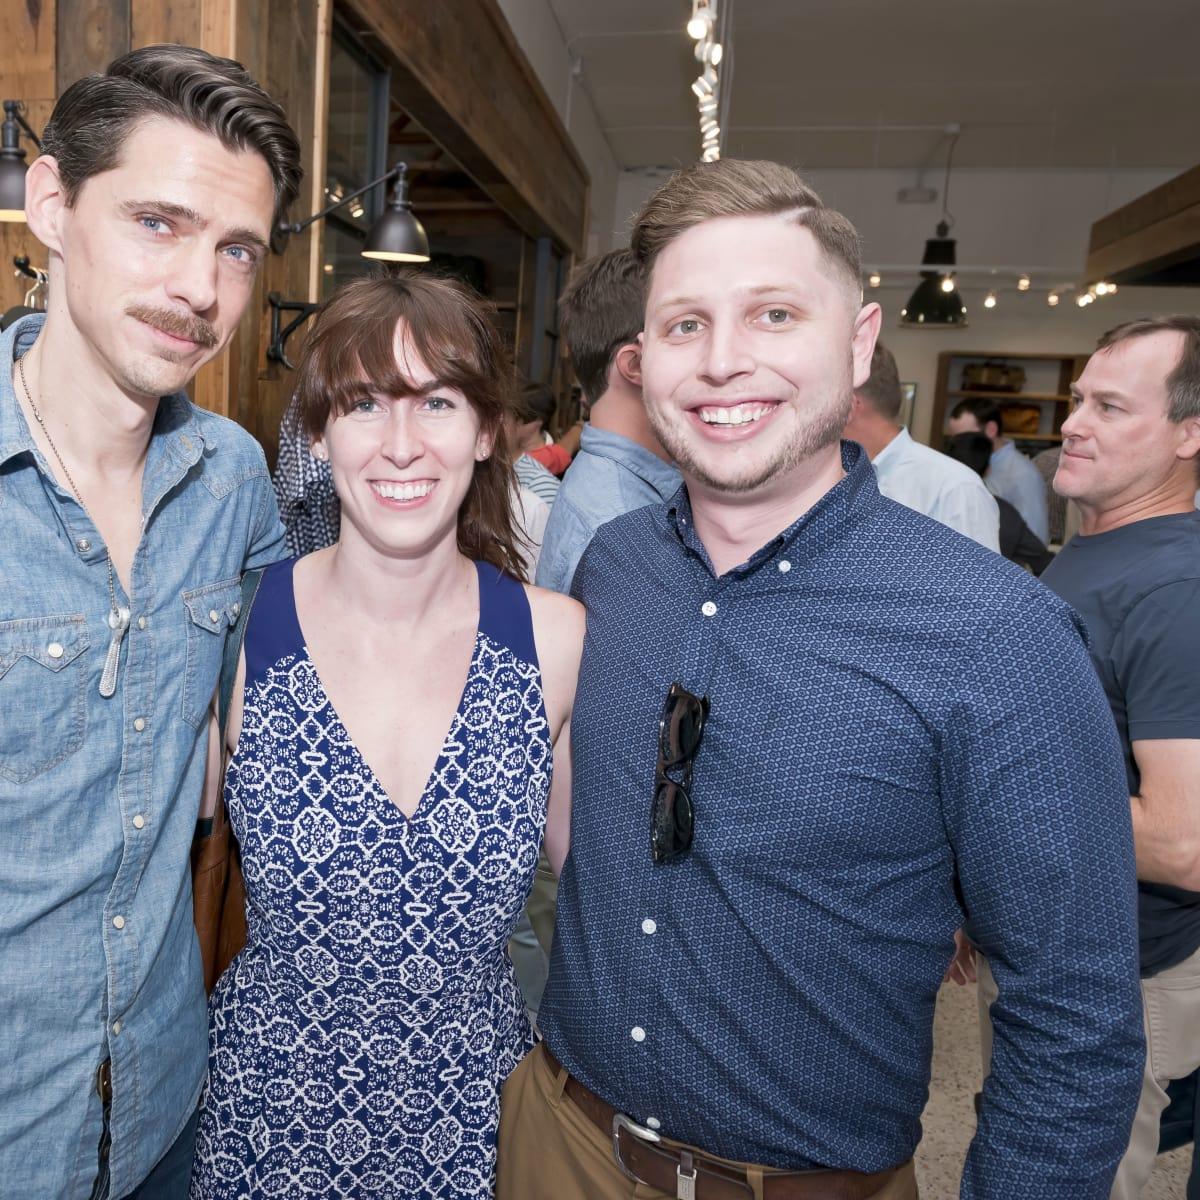 Houston, Stag Provisions opening party, June 2015, Ethan Smith, Sydnee Lucas, Kiko Velez